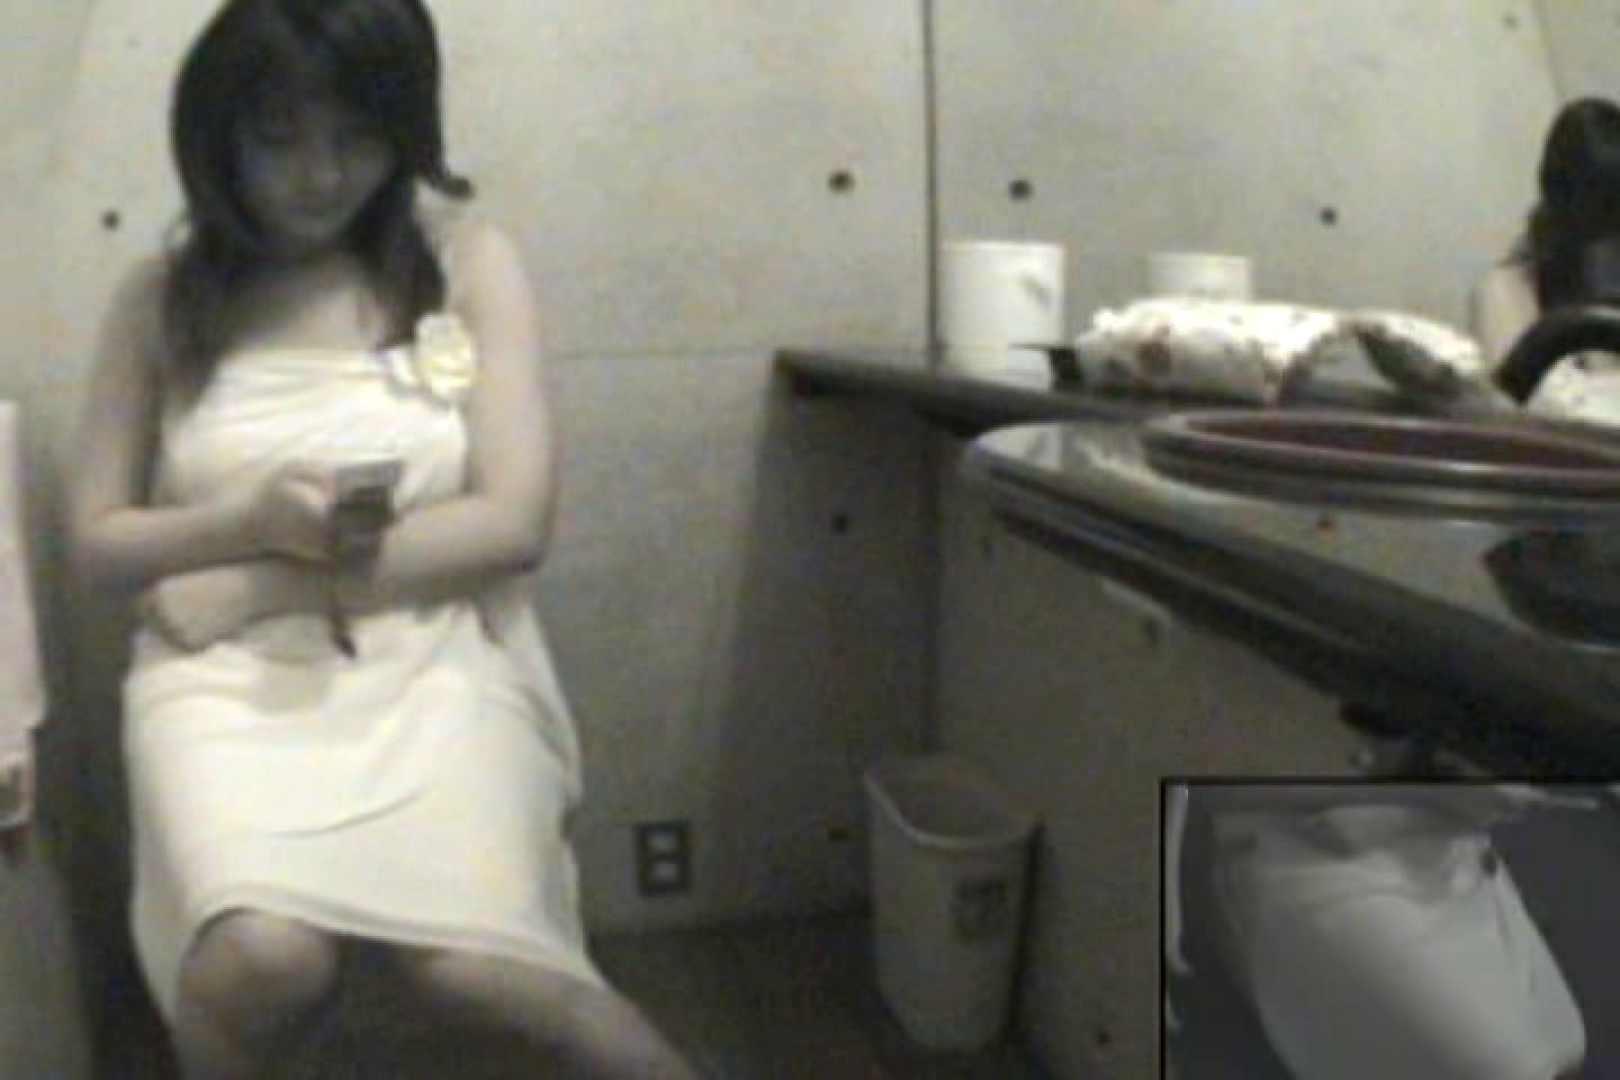 キャバ嬢は仕事の合間でもオナニーします!!Vol.10 エロティックなOL ヌード画像 72画像 46